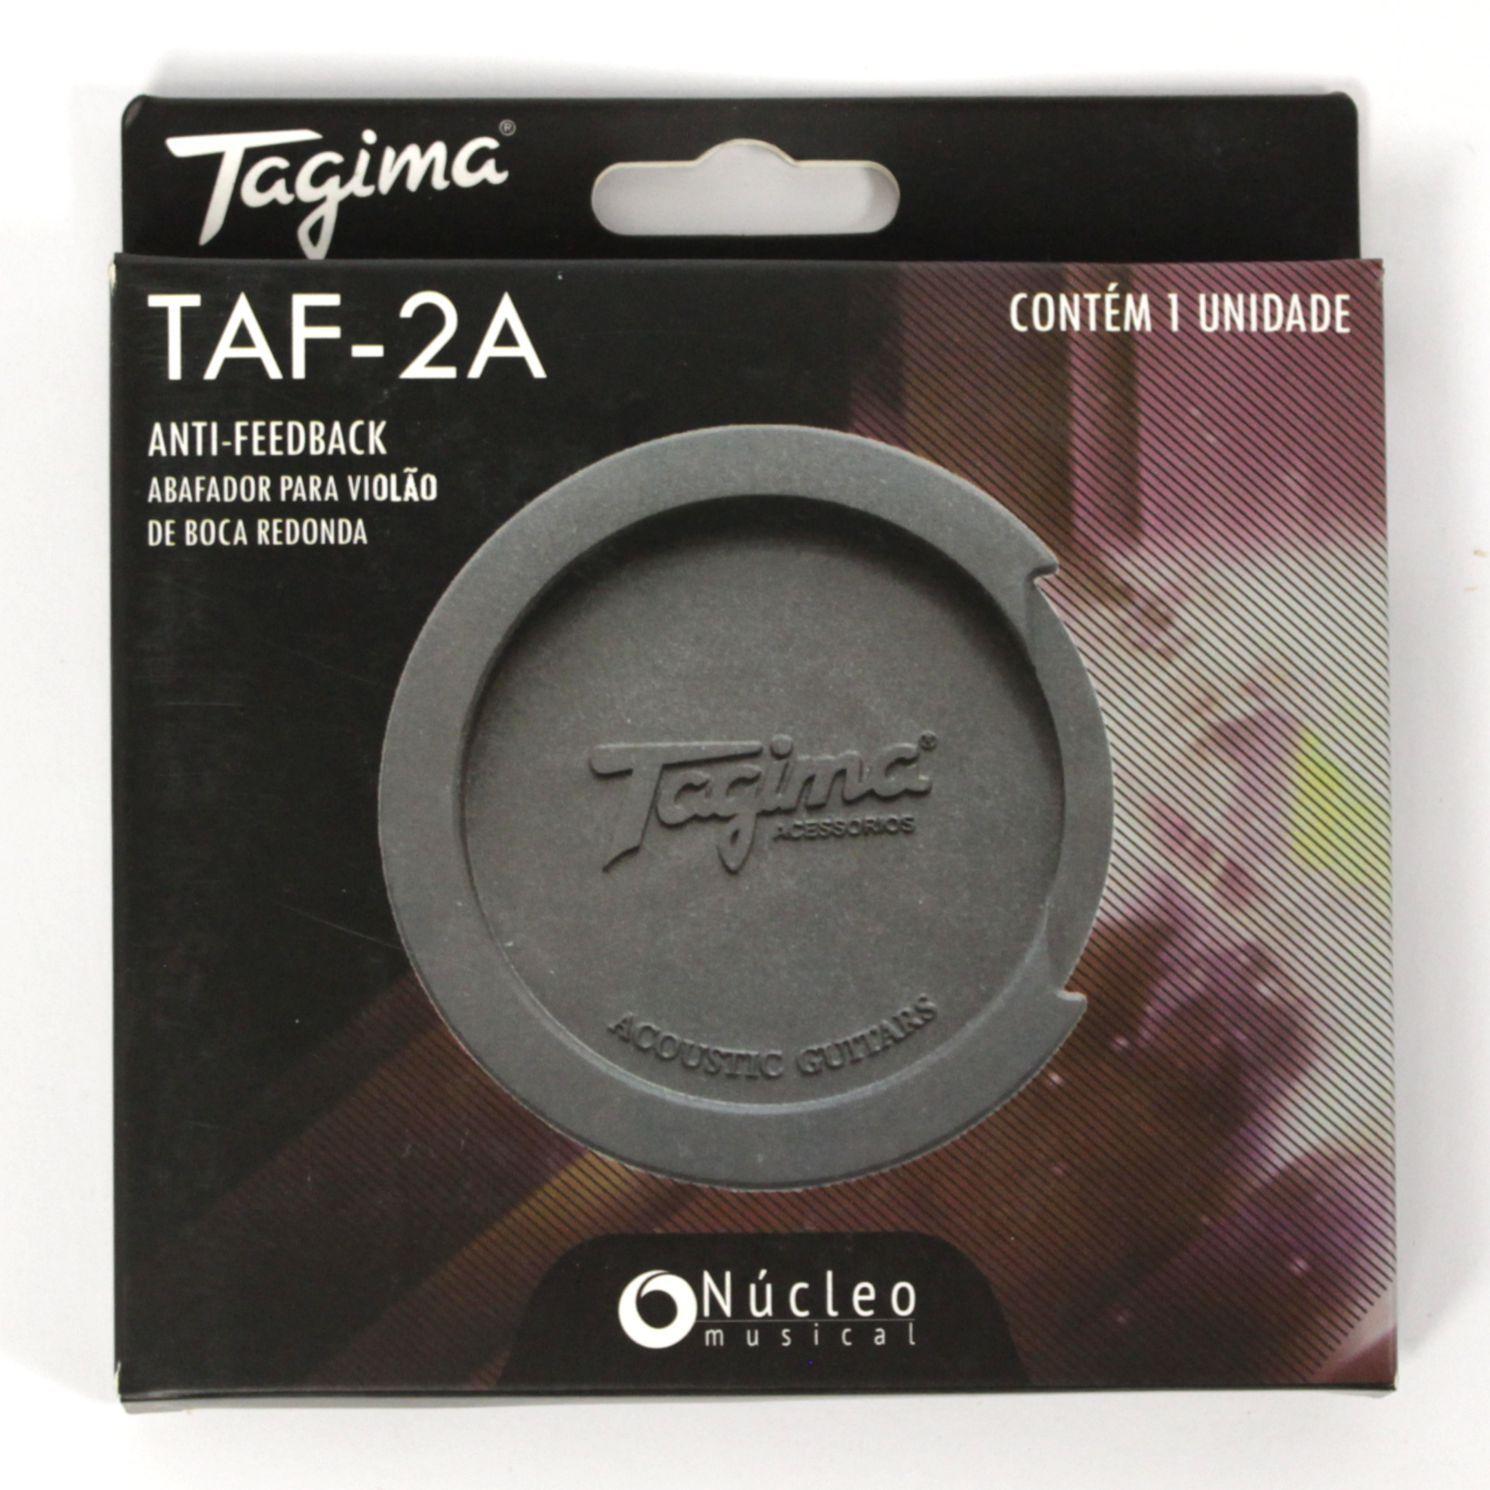 No Feedback Tagima em Borracha TAF-2A  ANTI-FEEDBACK para Violão FOLK